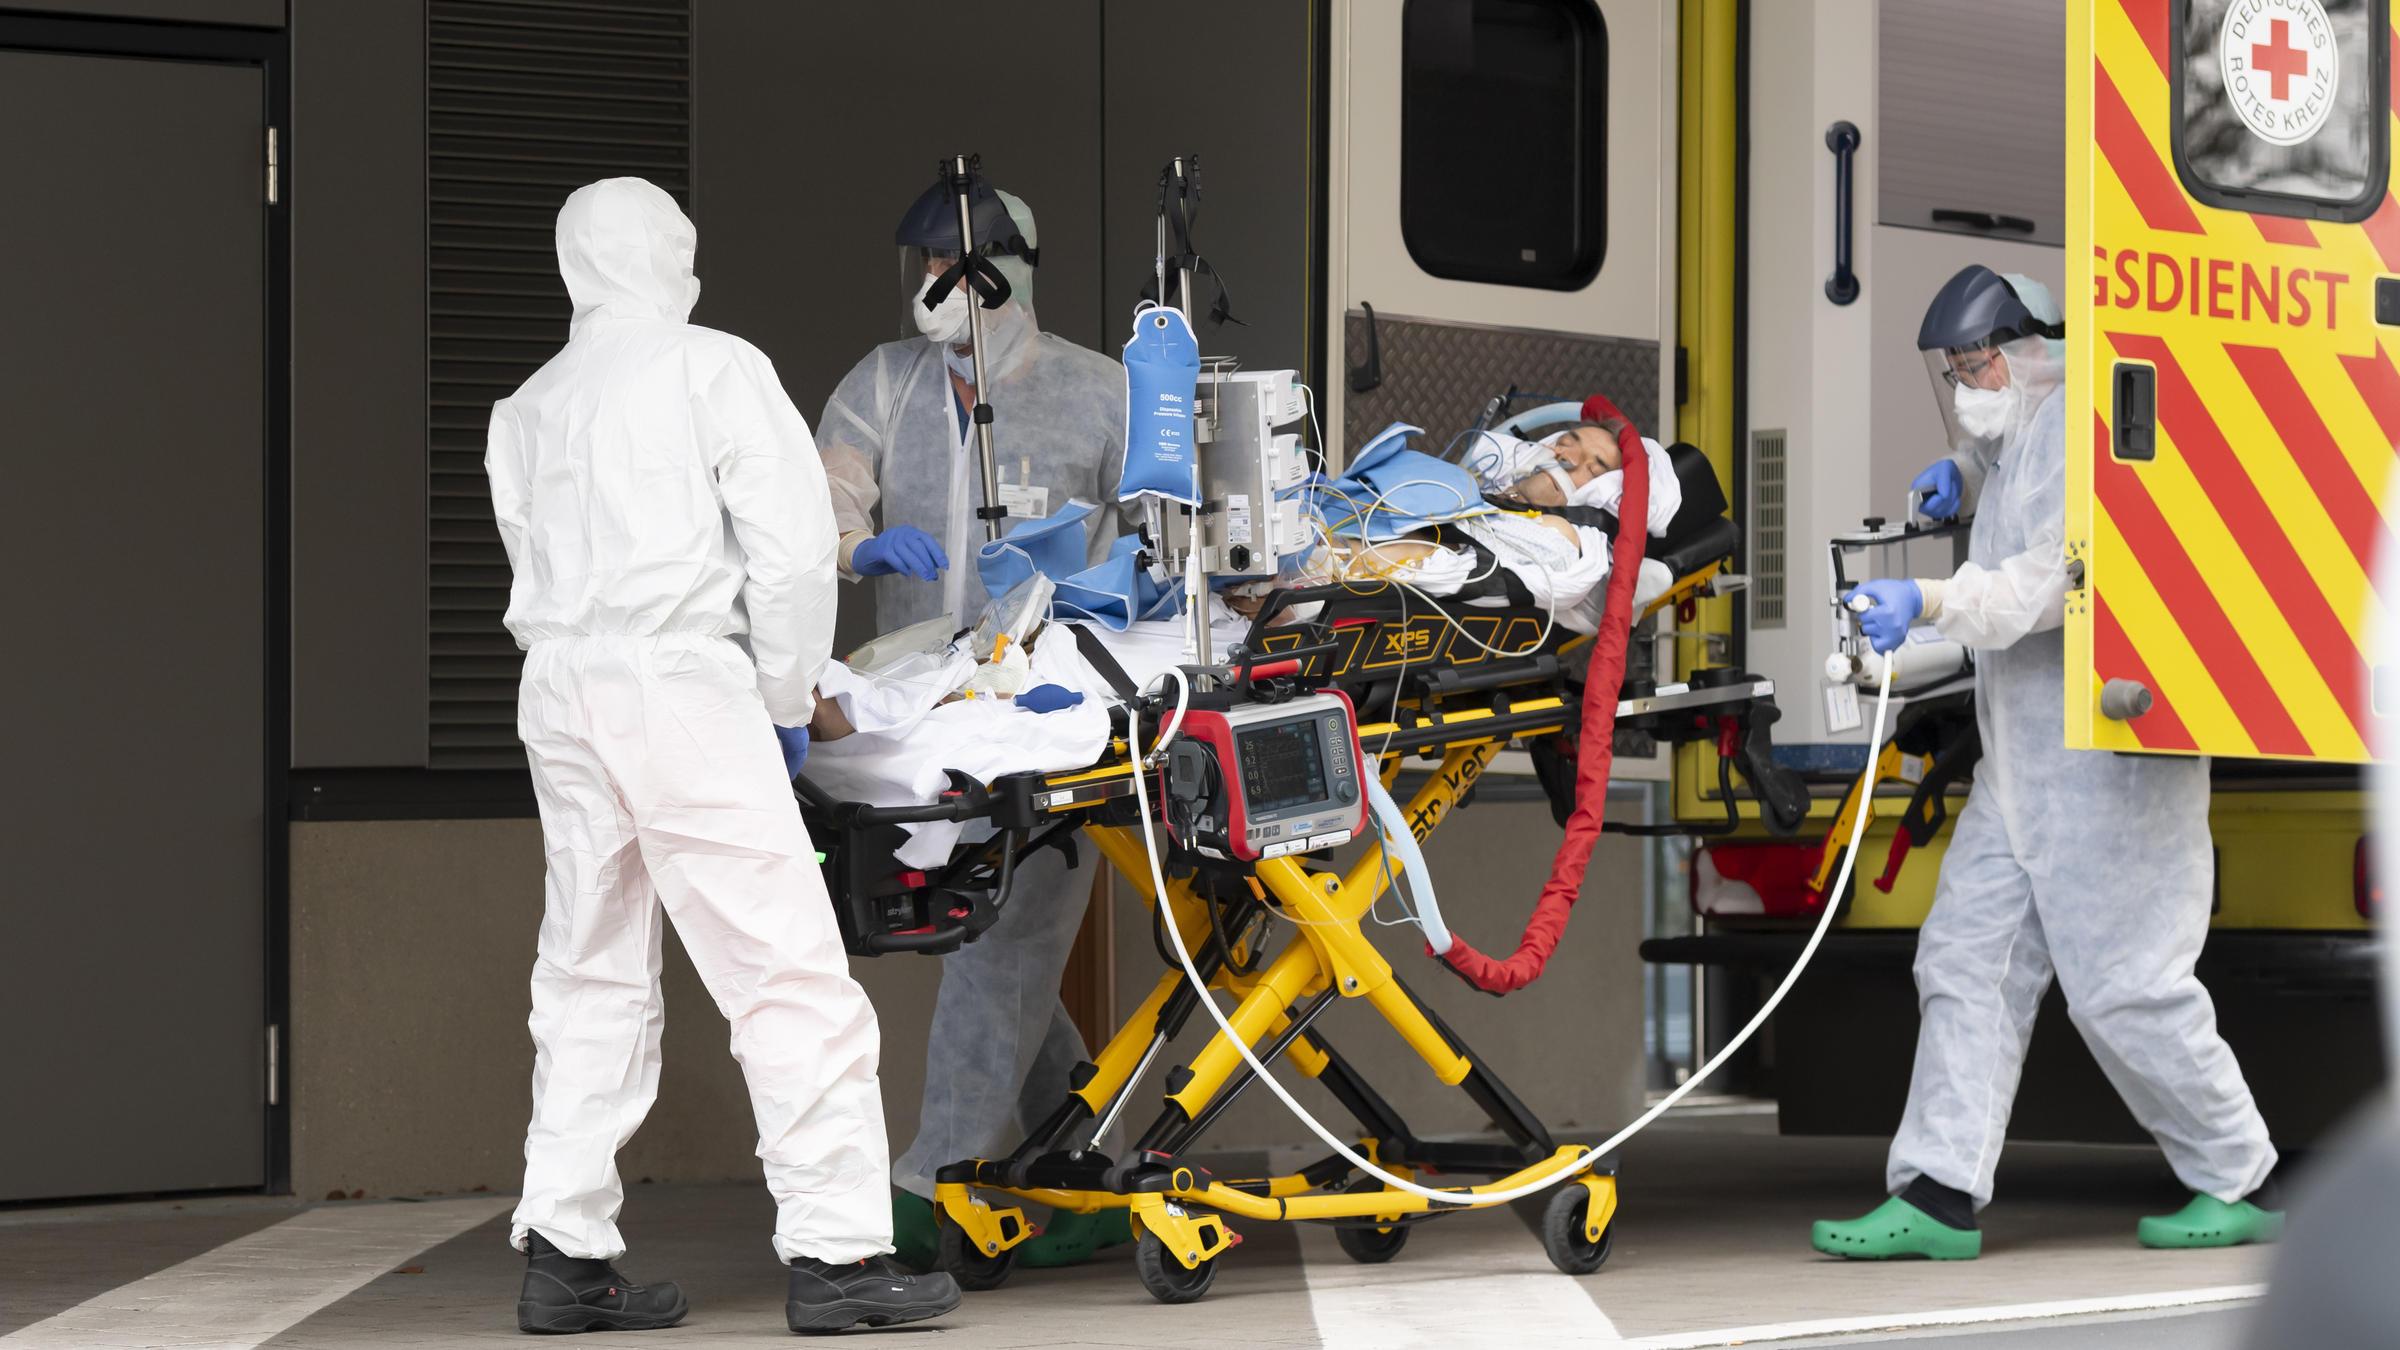 Dyshohet se dikush e ndali qëllimisht oksigjenin, a mund të cilësohet rasti si vrasje?